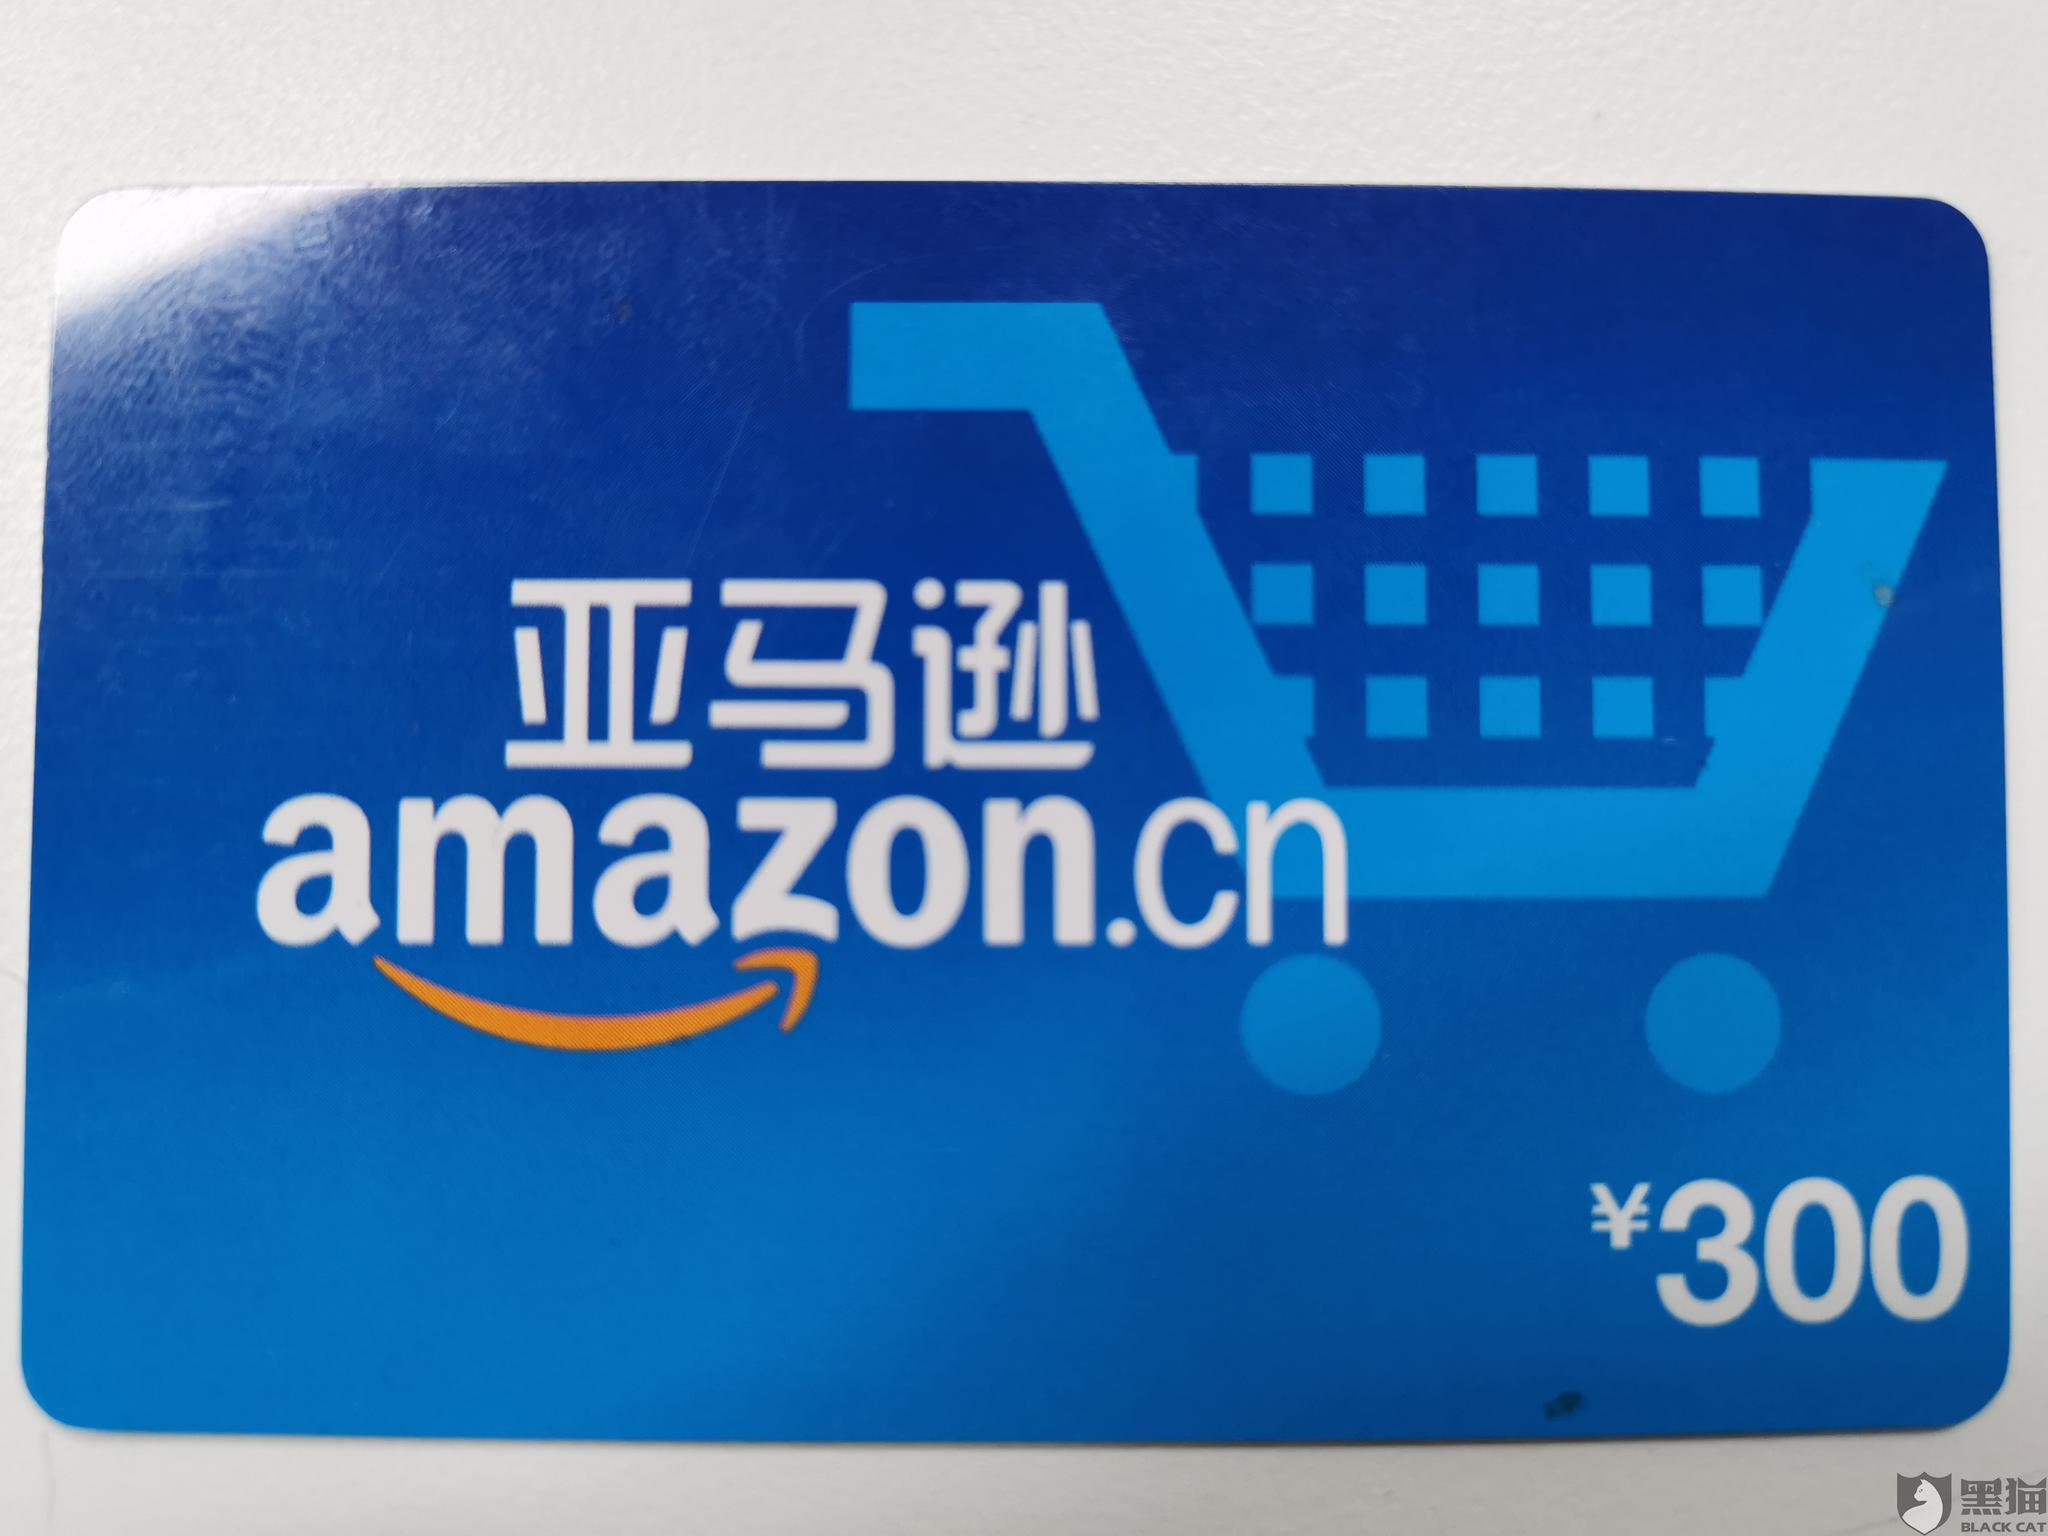 黑猫投诉:亚马逊礼品卡过期